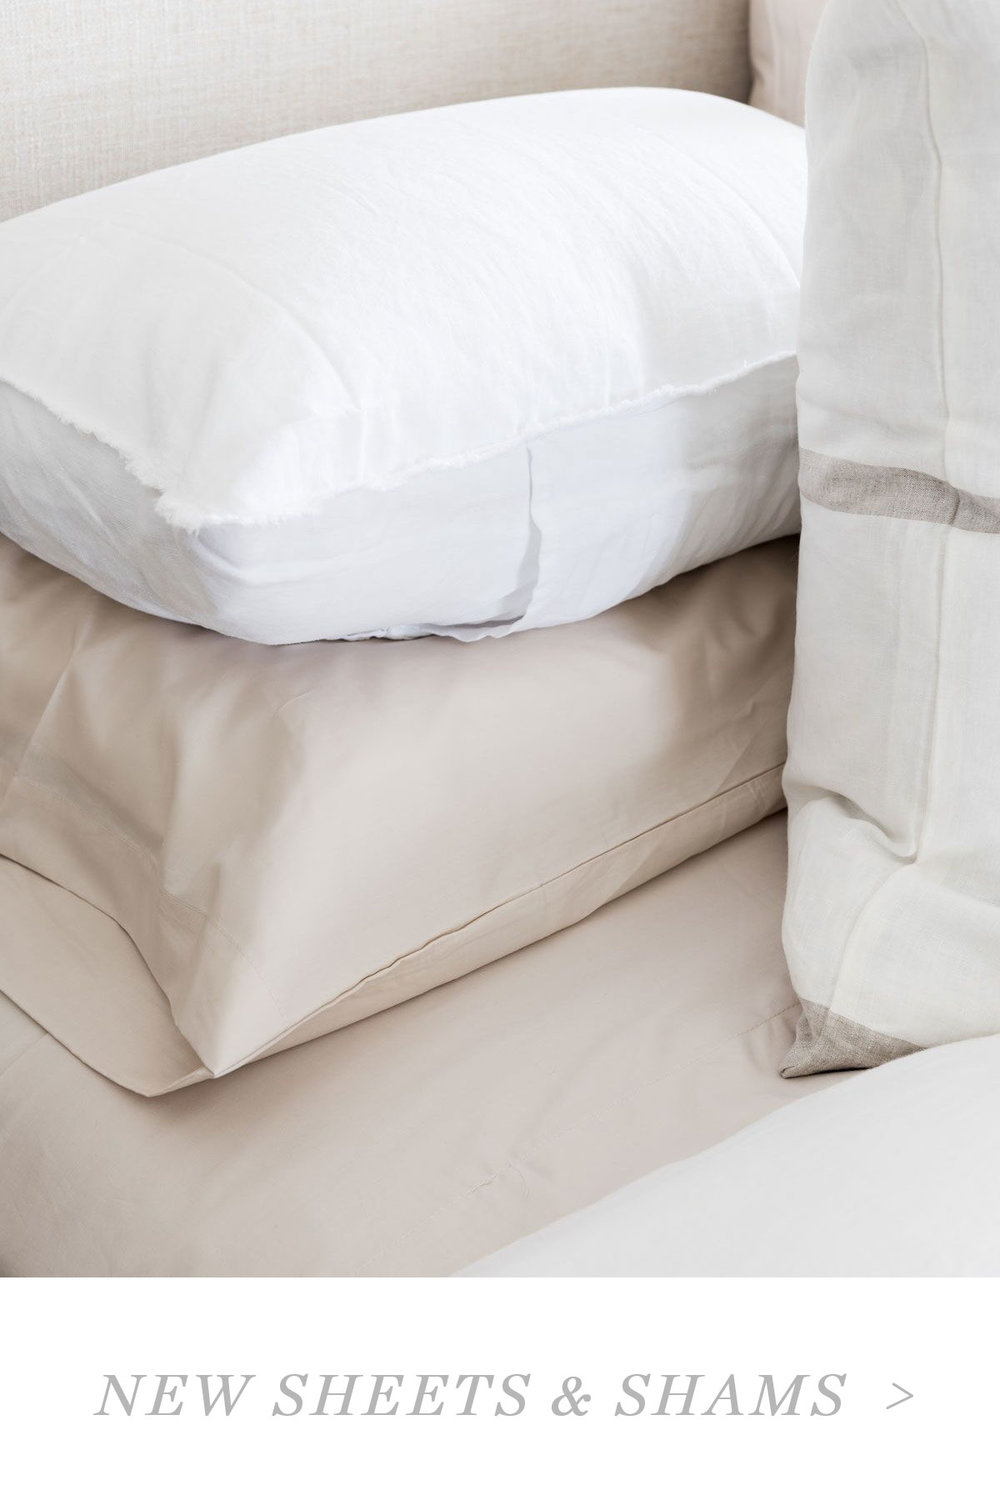 sheets-shams.jpg